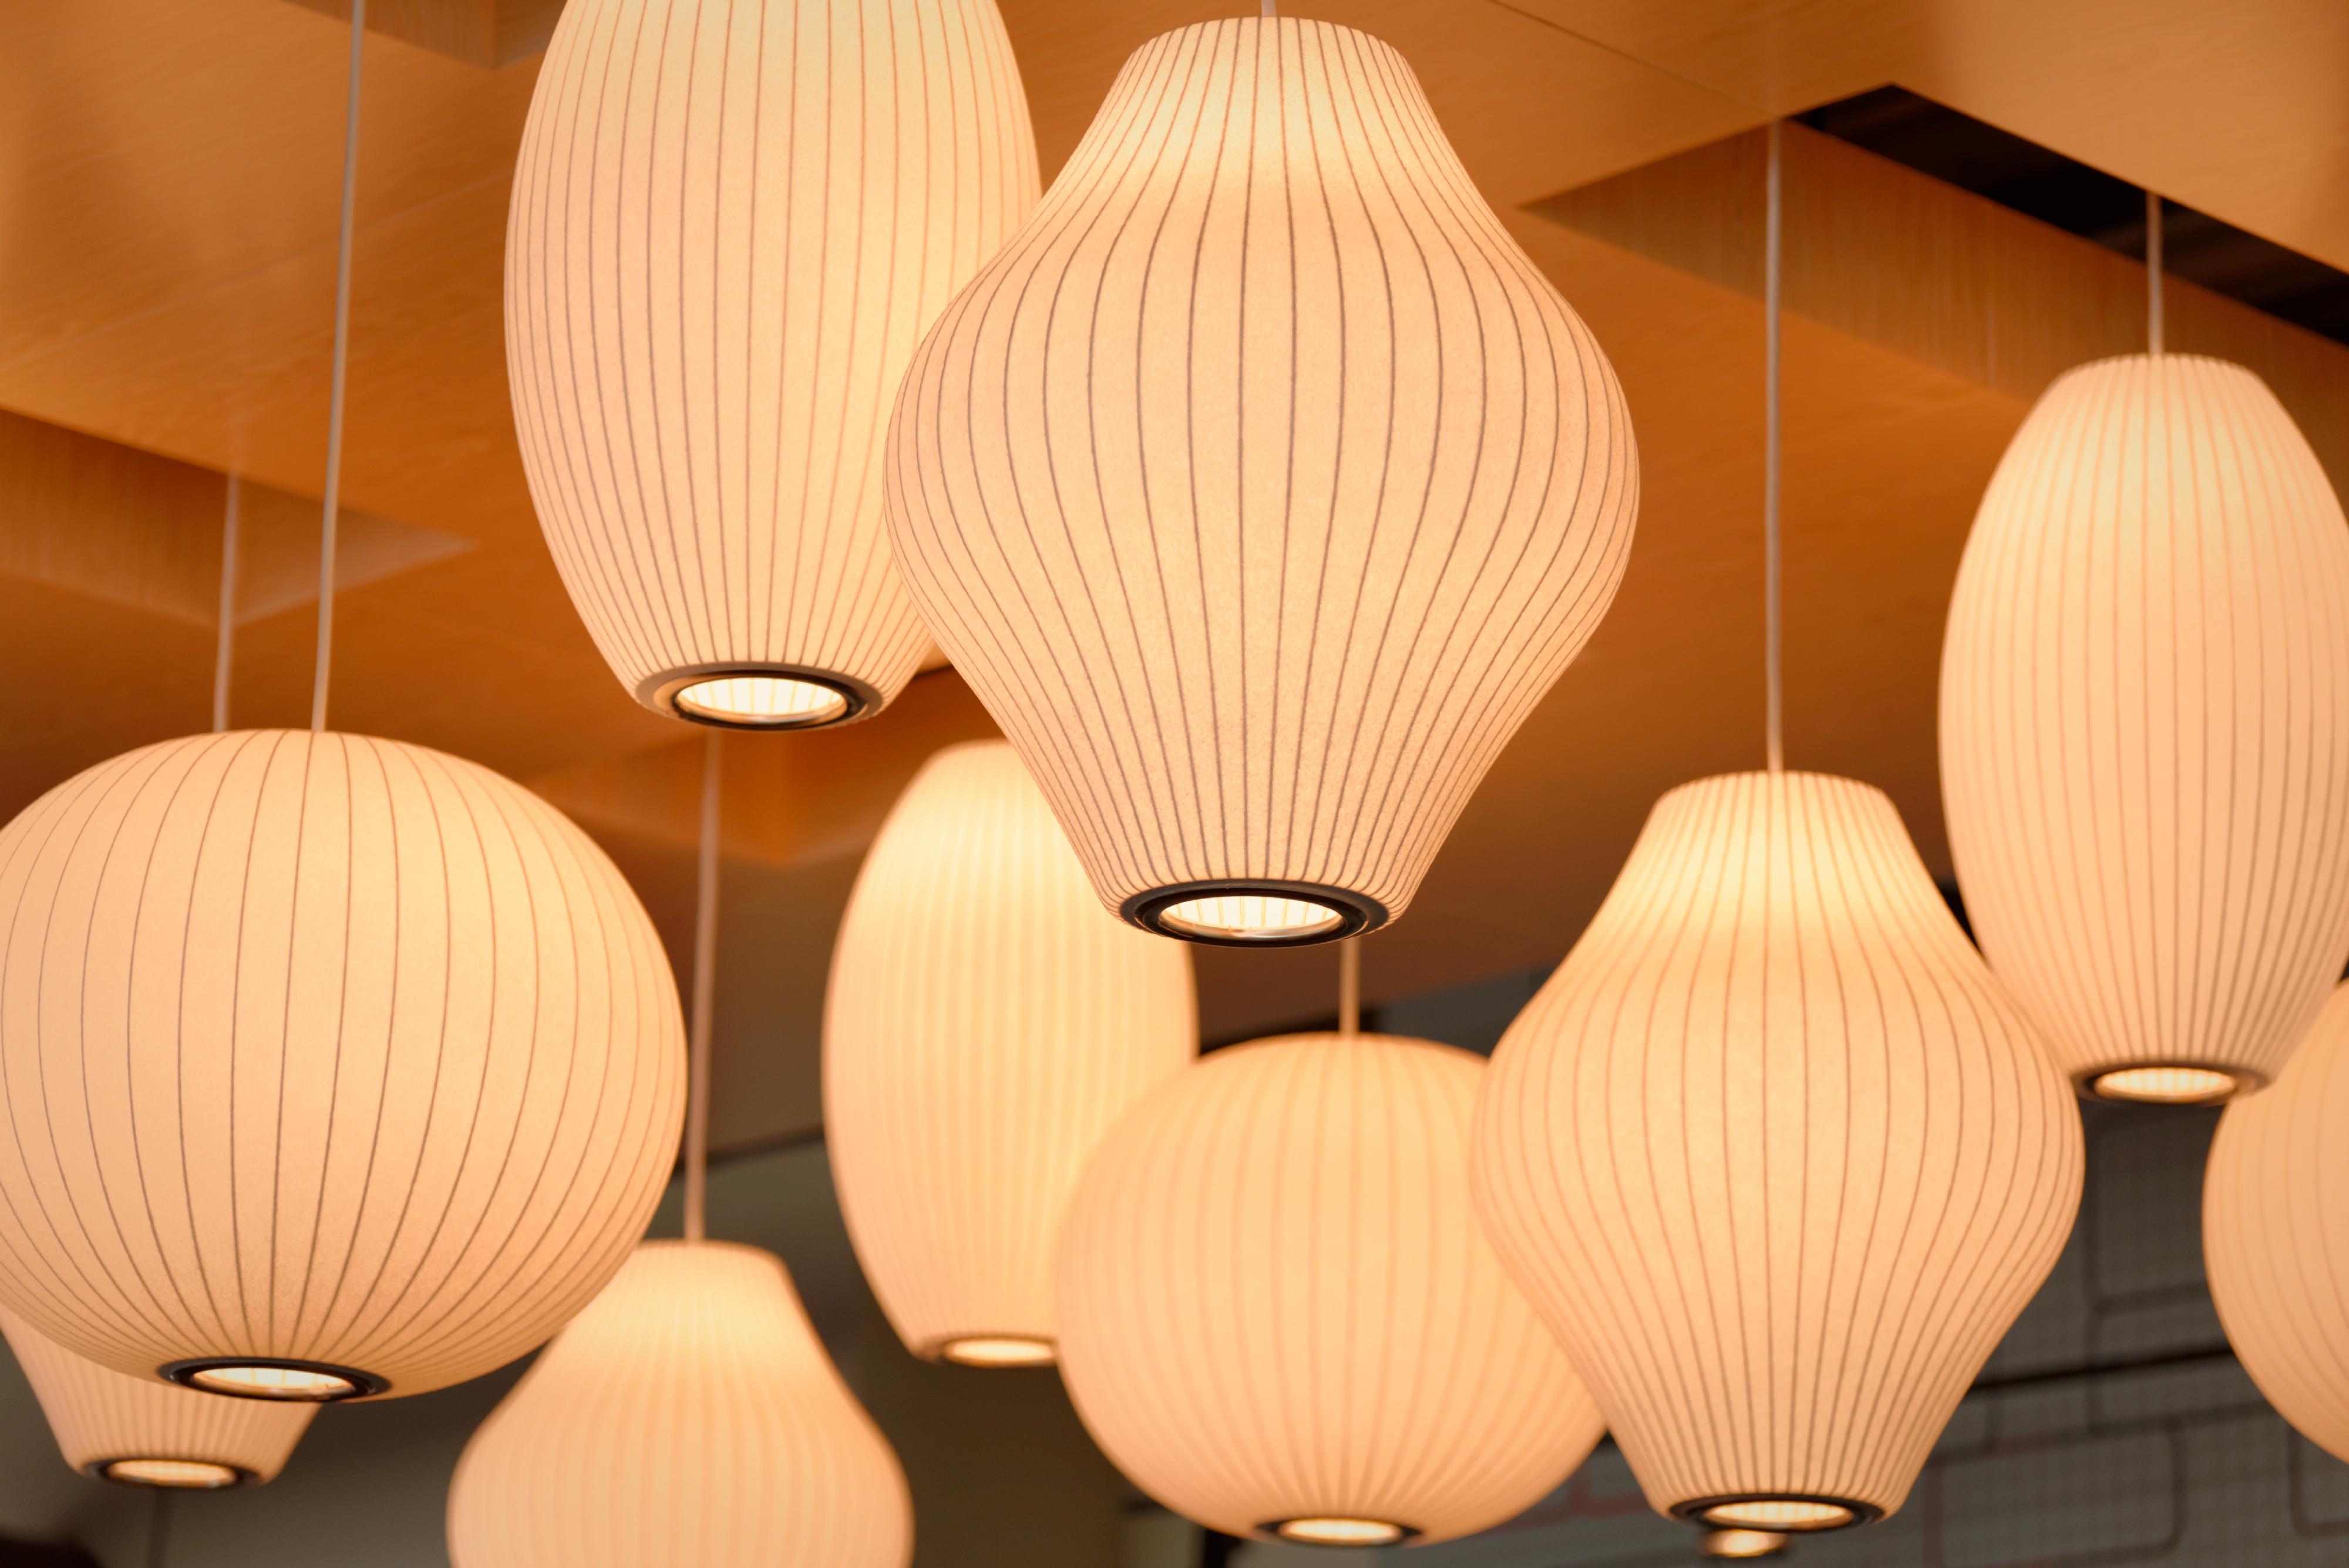 Svært Bildet : lett, tre, tak, lampe, lampeskjerm, belysning, produkt UY-38